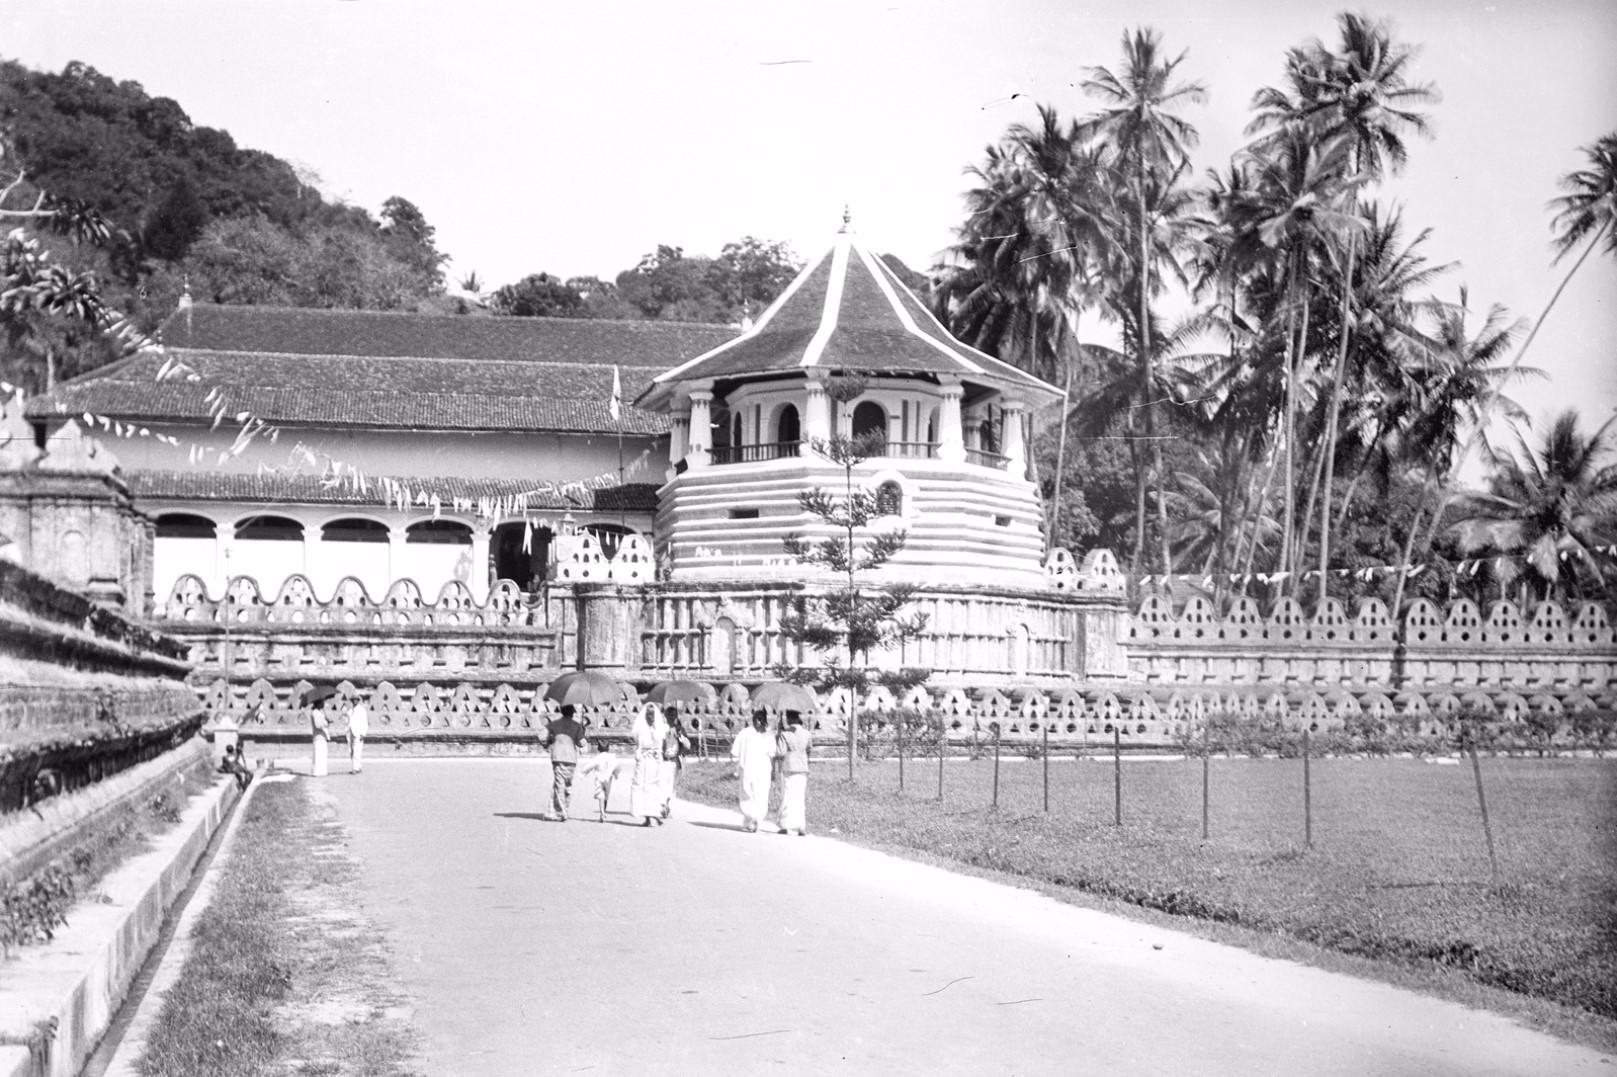 208. Храм Зуба Будды (Шри Далада Малигава) в Канди. Согласно традиционному верованию левый клык исторического Будды Сиддхартхи Гаутамы хранится здесь как реликвия